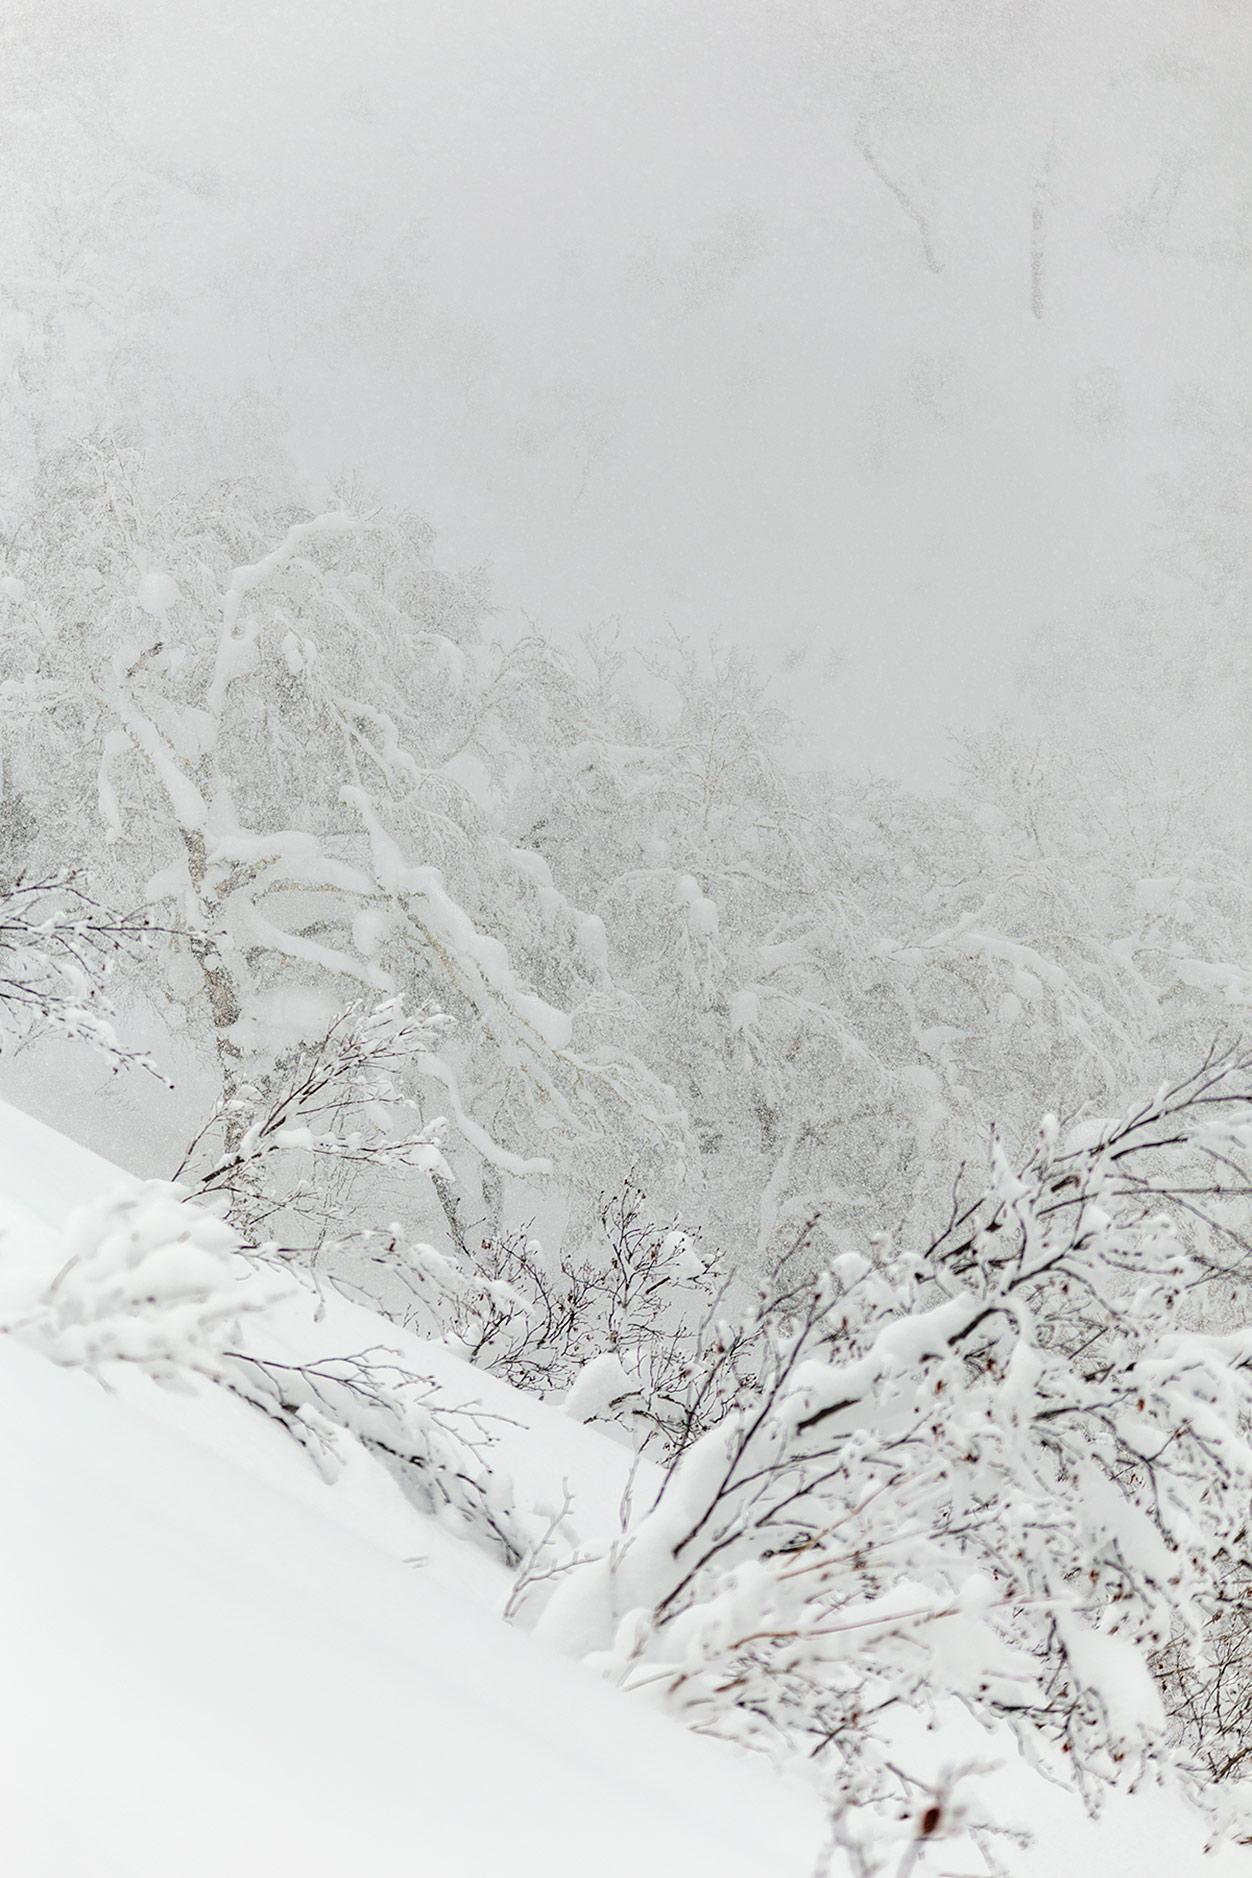 Kiroron offarimaasto on muodoiltaan erinomaista ja lumenlaadultaan useimmiten loistavaa. Ainakin, kun poistuu hikoilutta saavutettavissa olevilta alueilta.